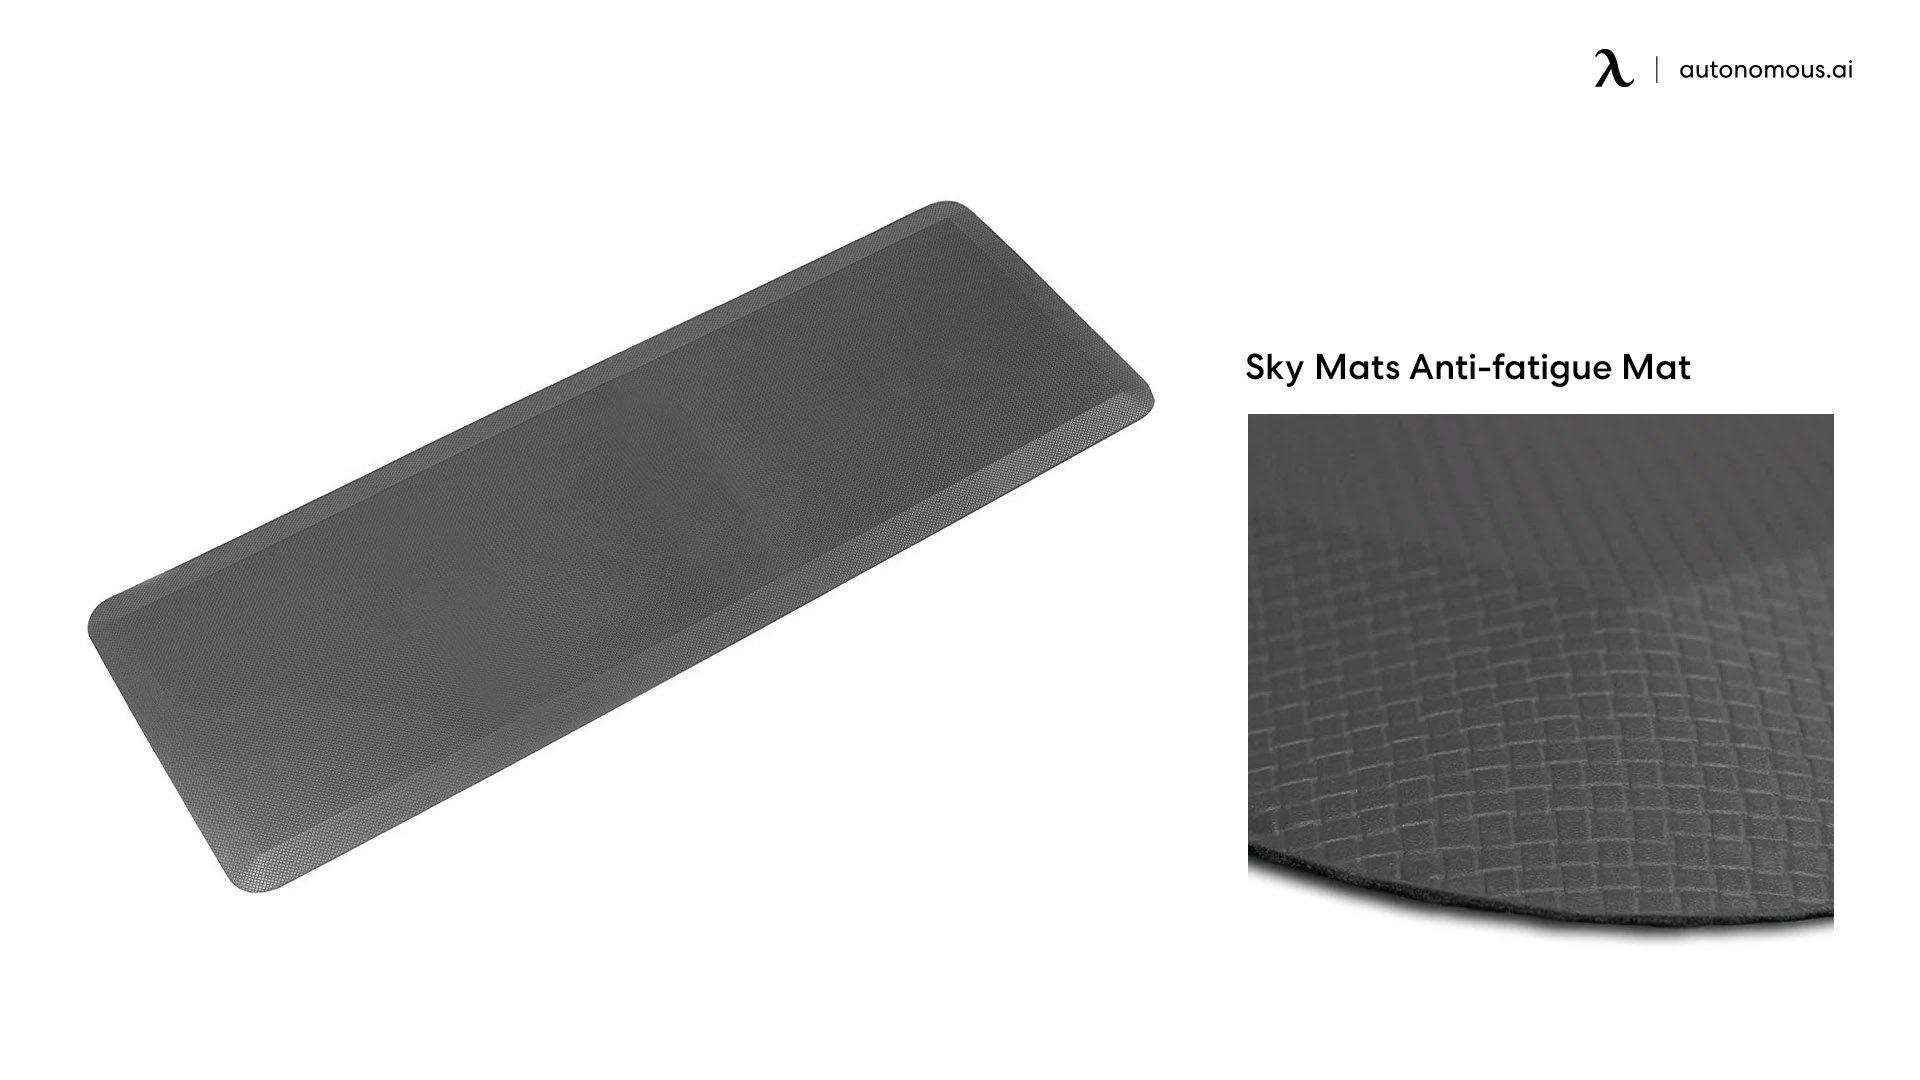 Sky Mats Anti-fatigue Mat